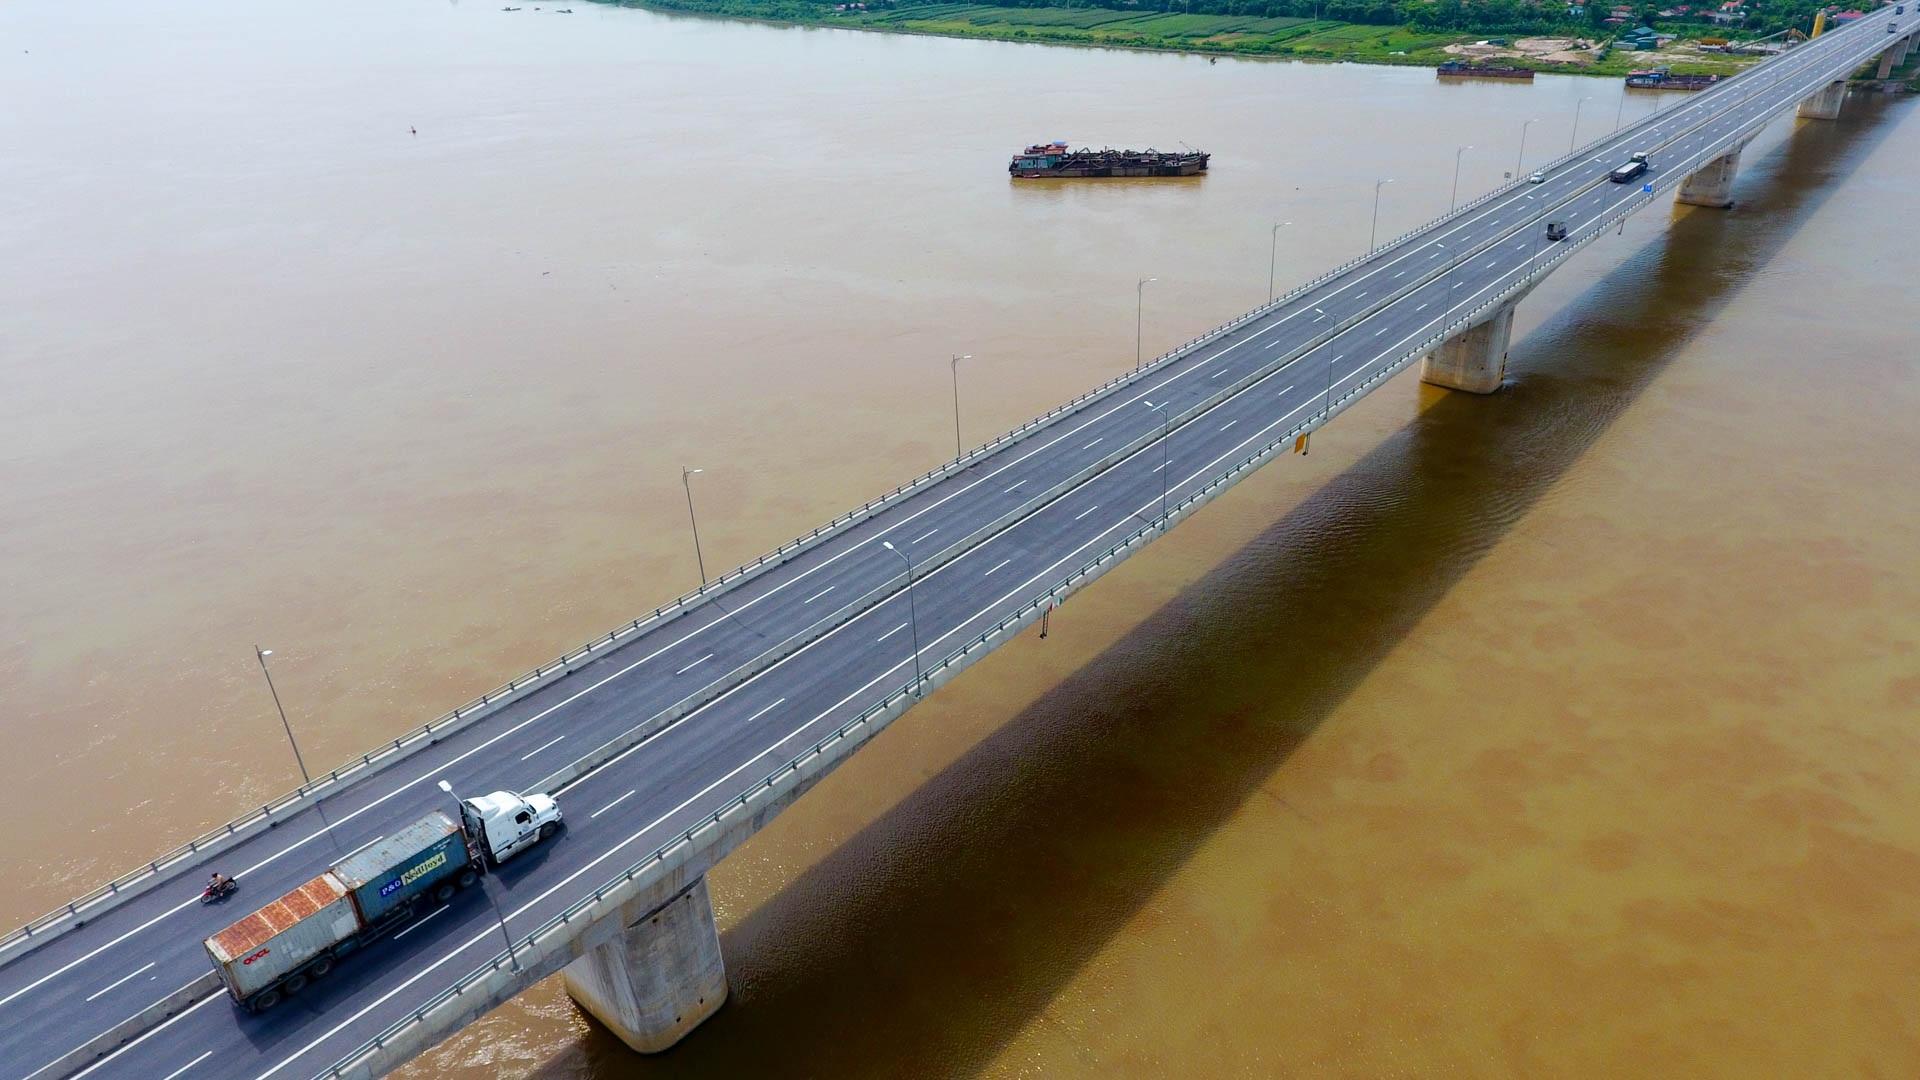 Toàn cảnh cầu 2.800 tỷ nối 2 tỉnh Hưng Yên và Hà Nam - 8